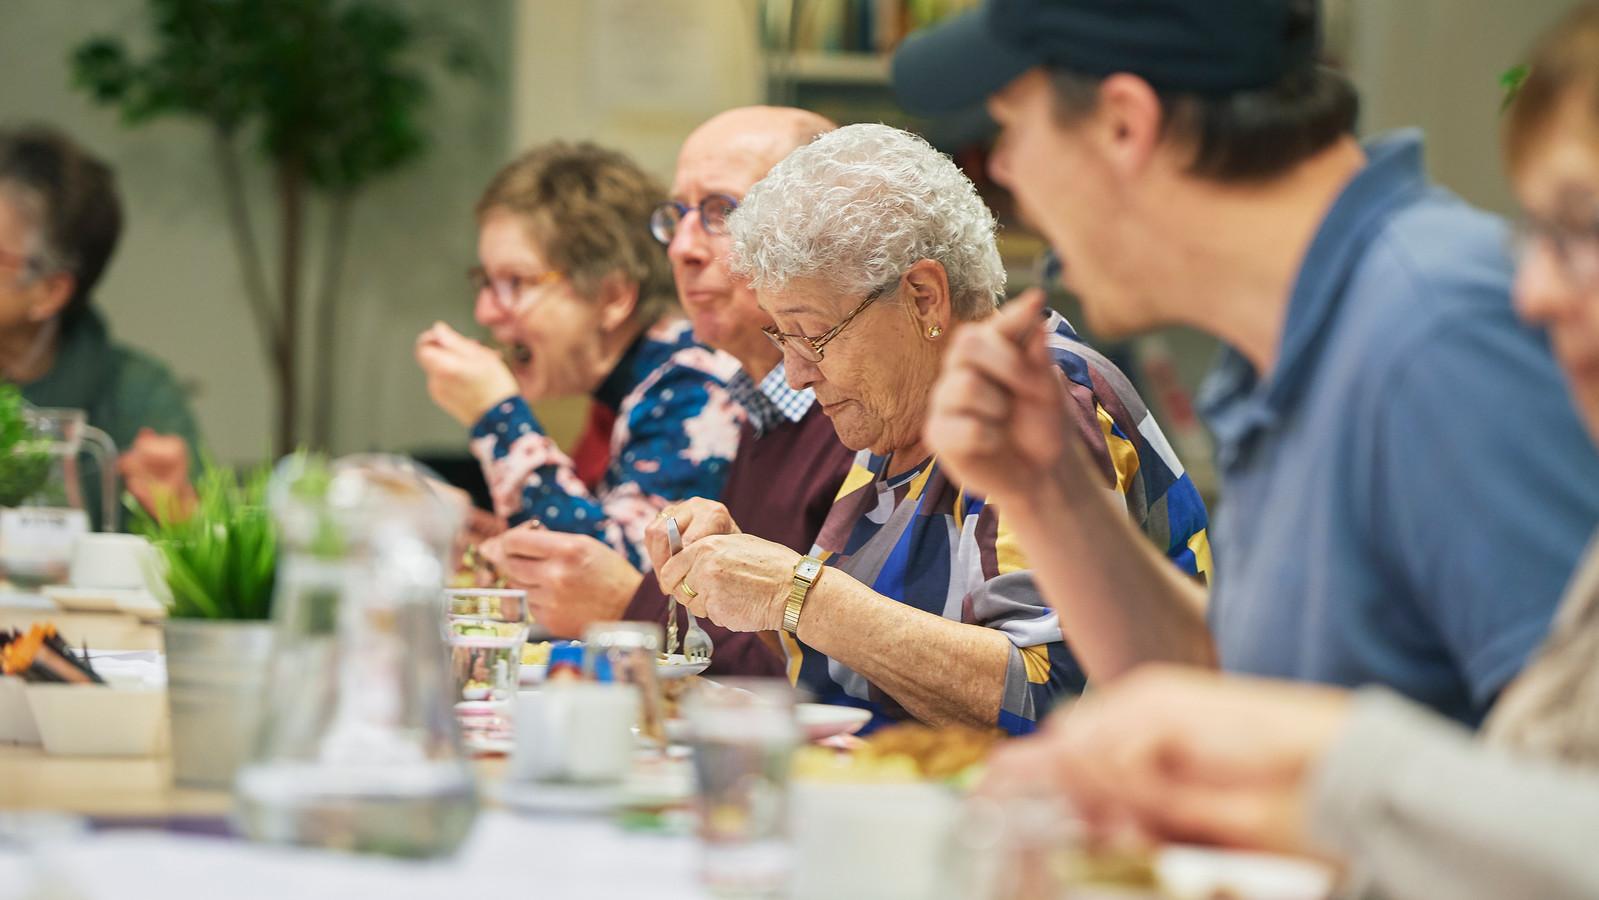 Wijkcentrum Schadewijk in Oss is begonnen met 'Samen Eten': voor iedereen die het gezellig vindt om aan te schuiven.